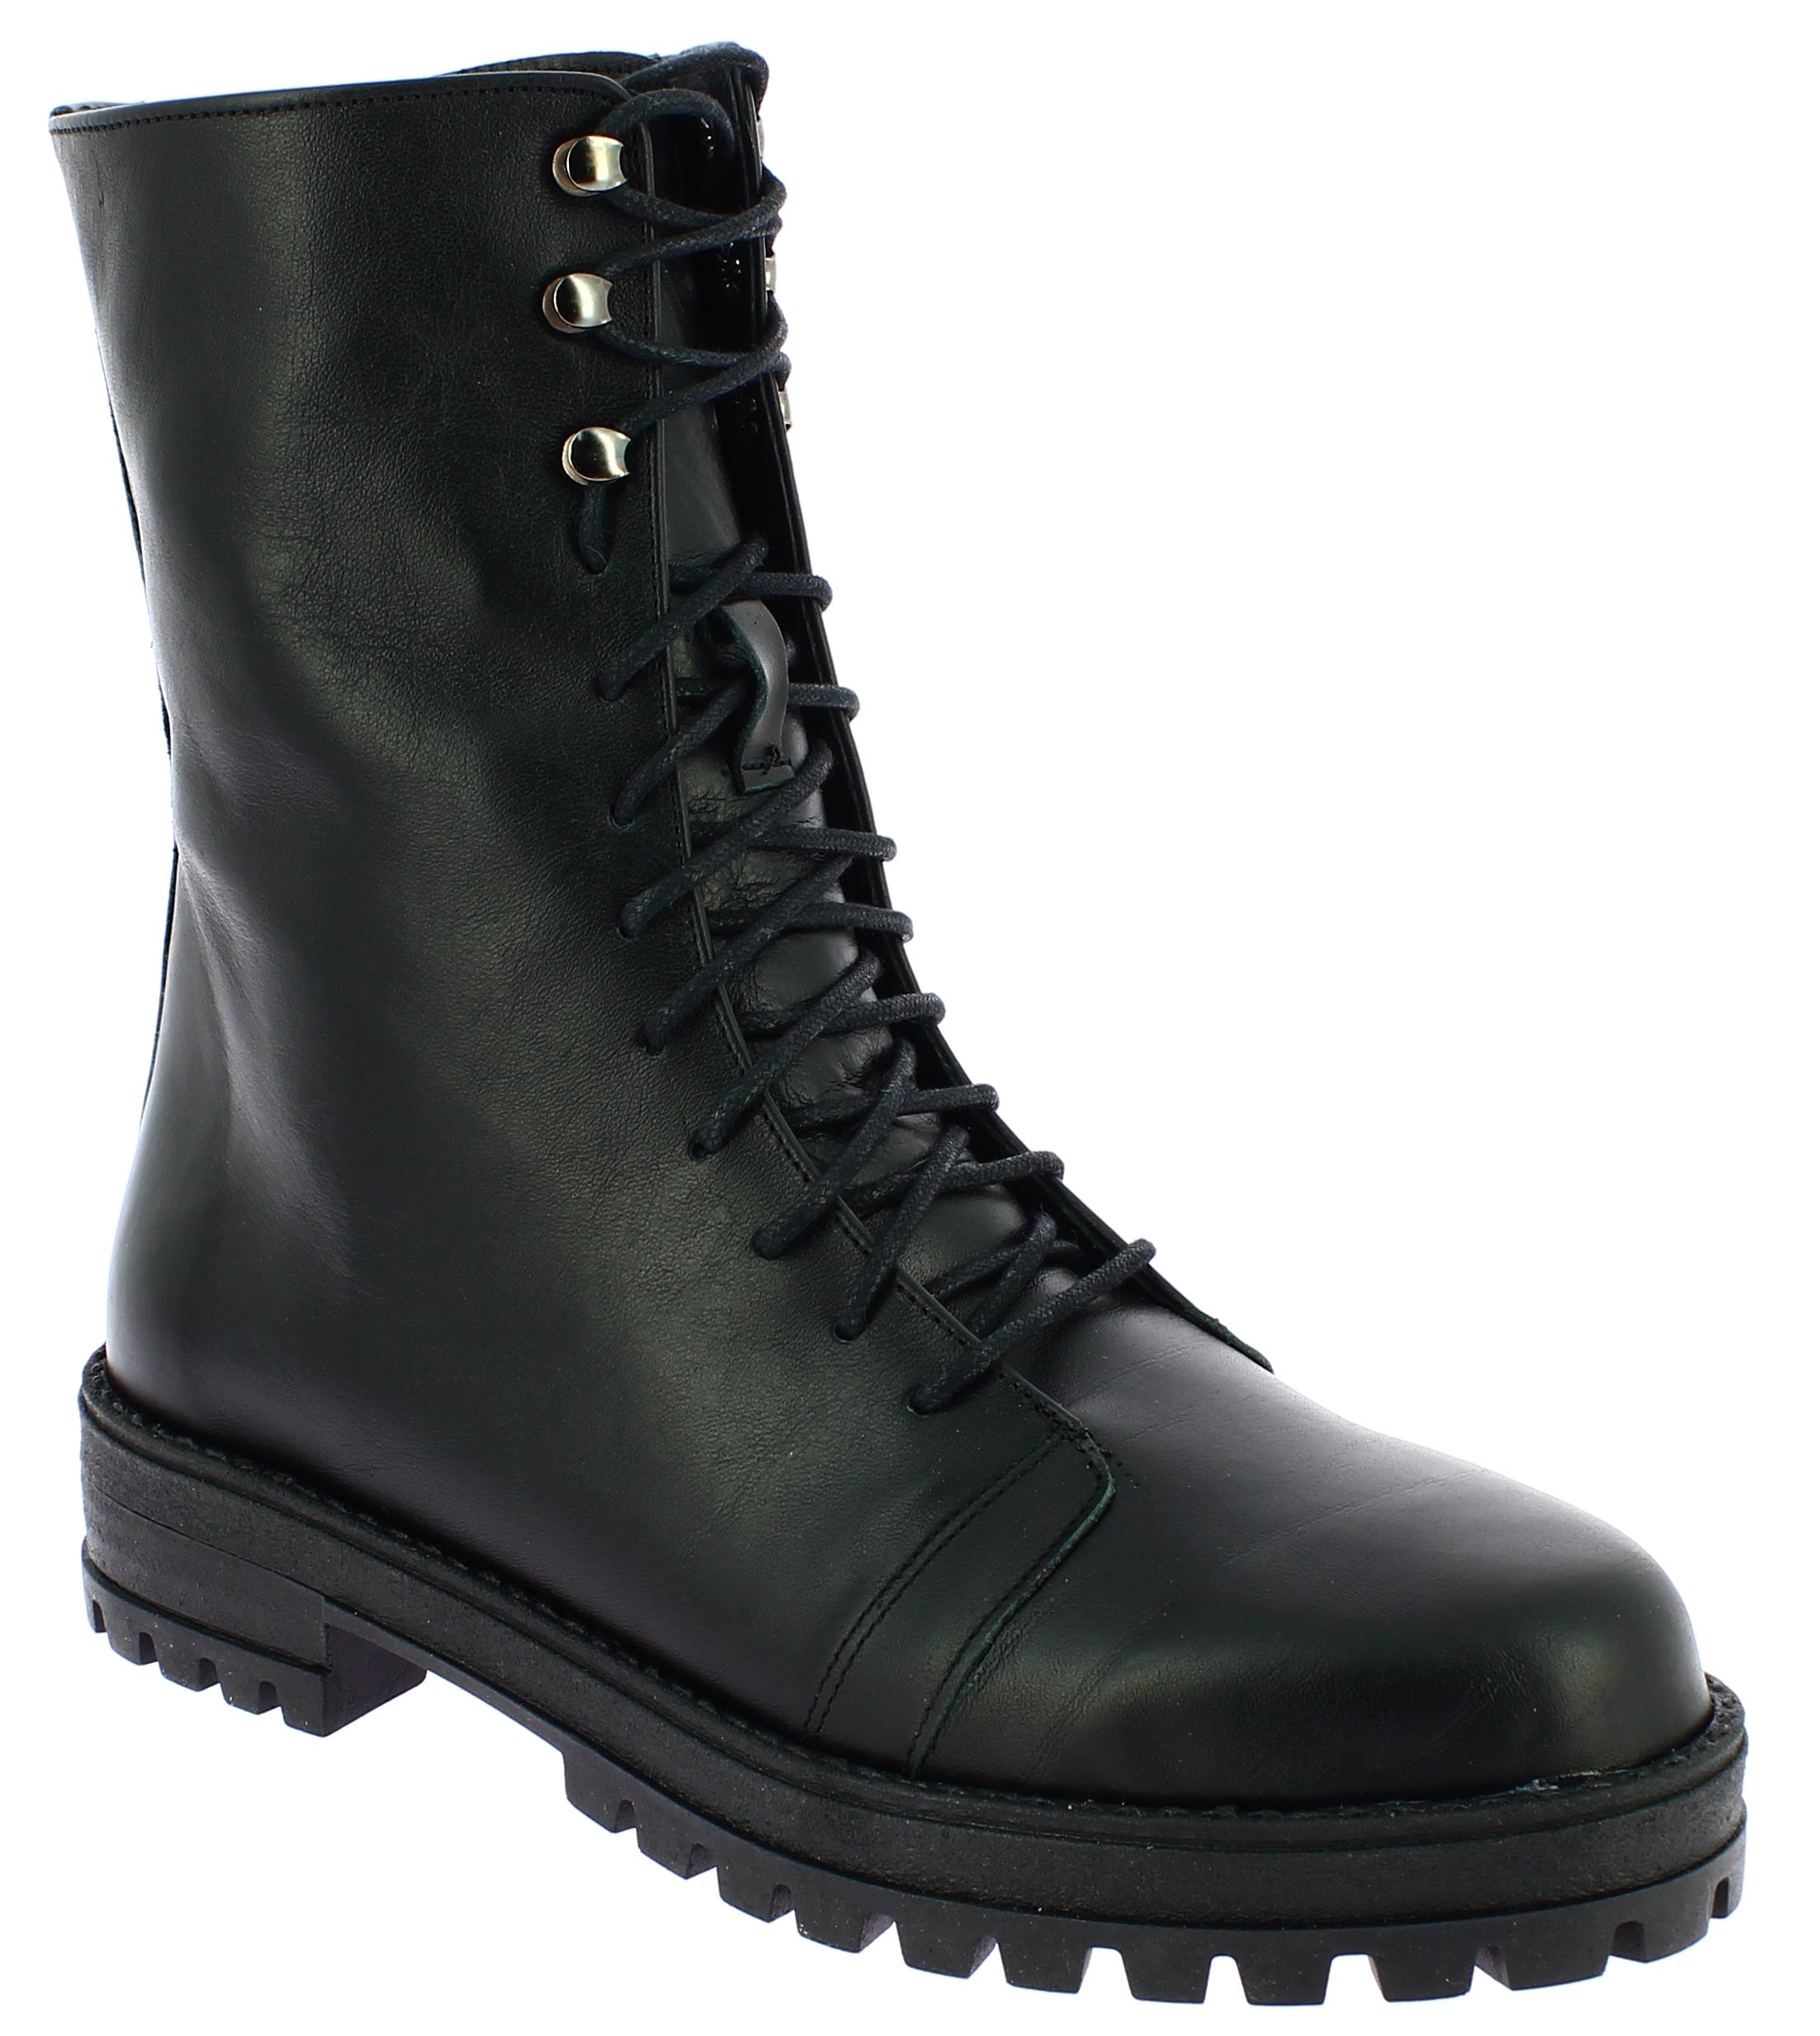 IQSHOES Γυναικείο Μποτάκι 4254 Μαύρο - IqShoes - 20.4254 BLACK -IQSHOES-black-39 παπούτσια  new in